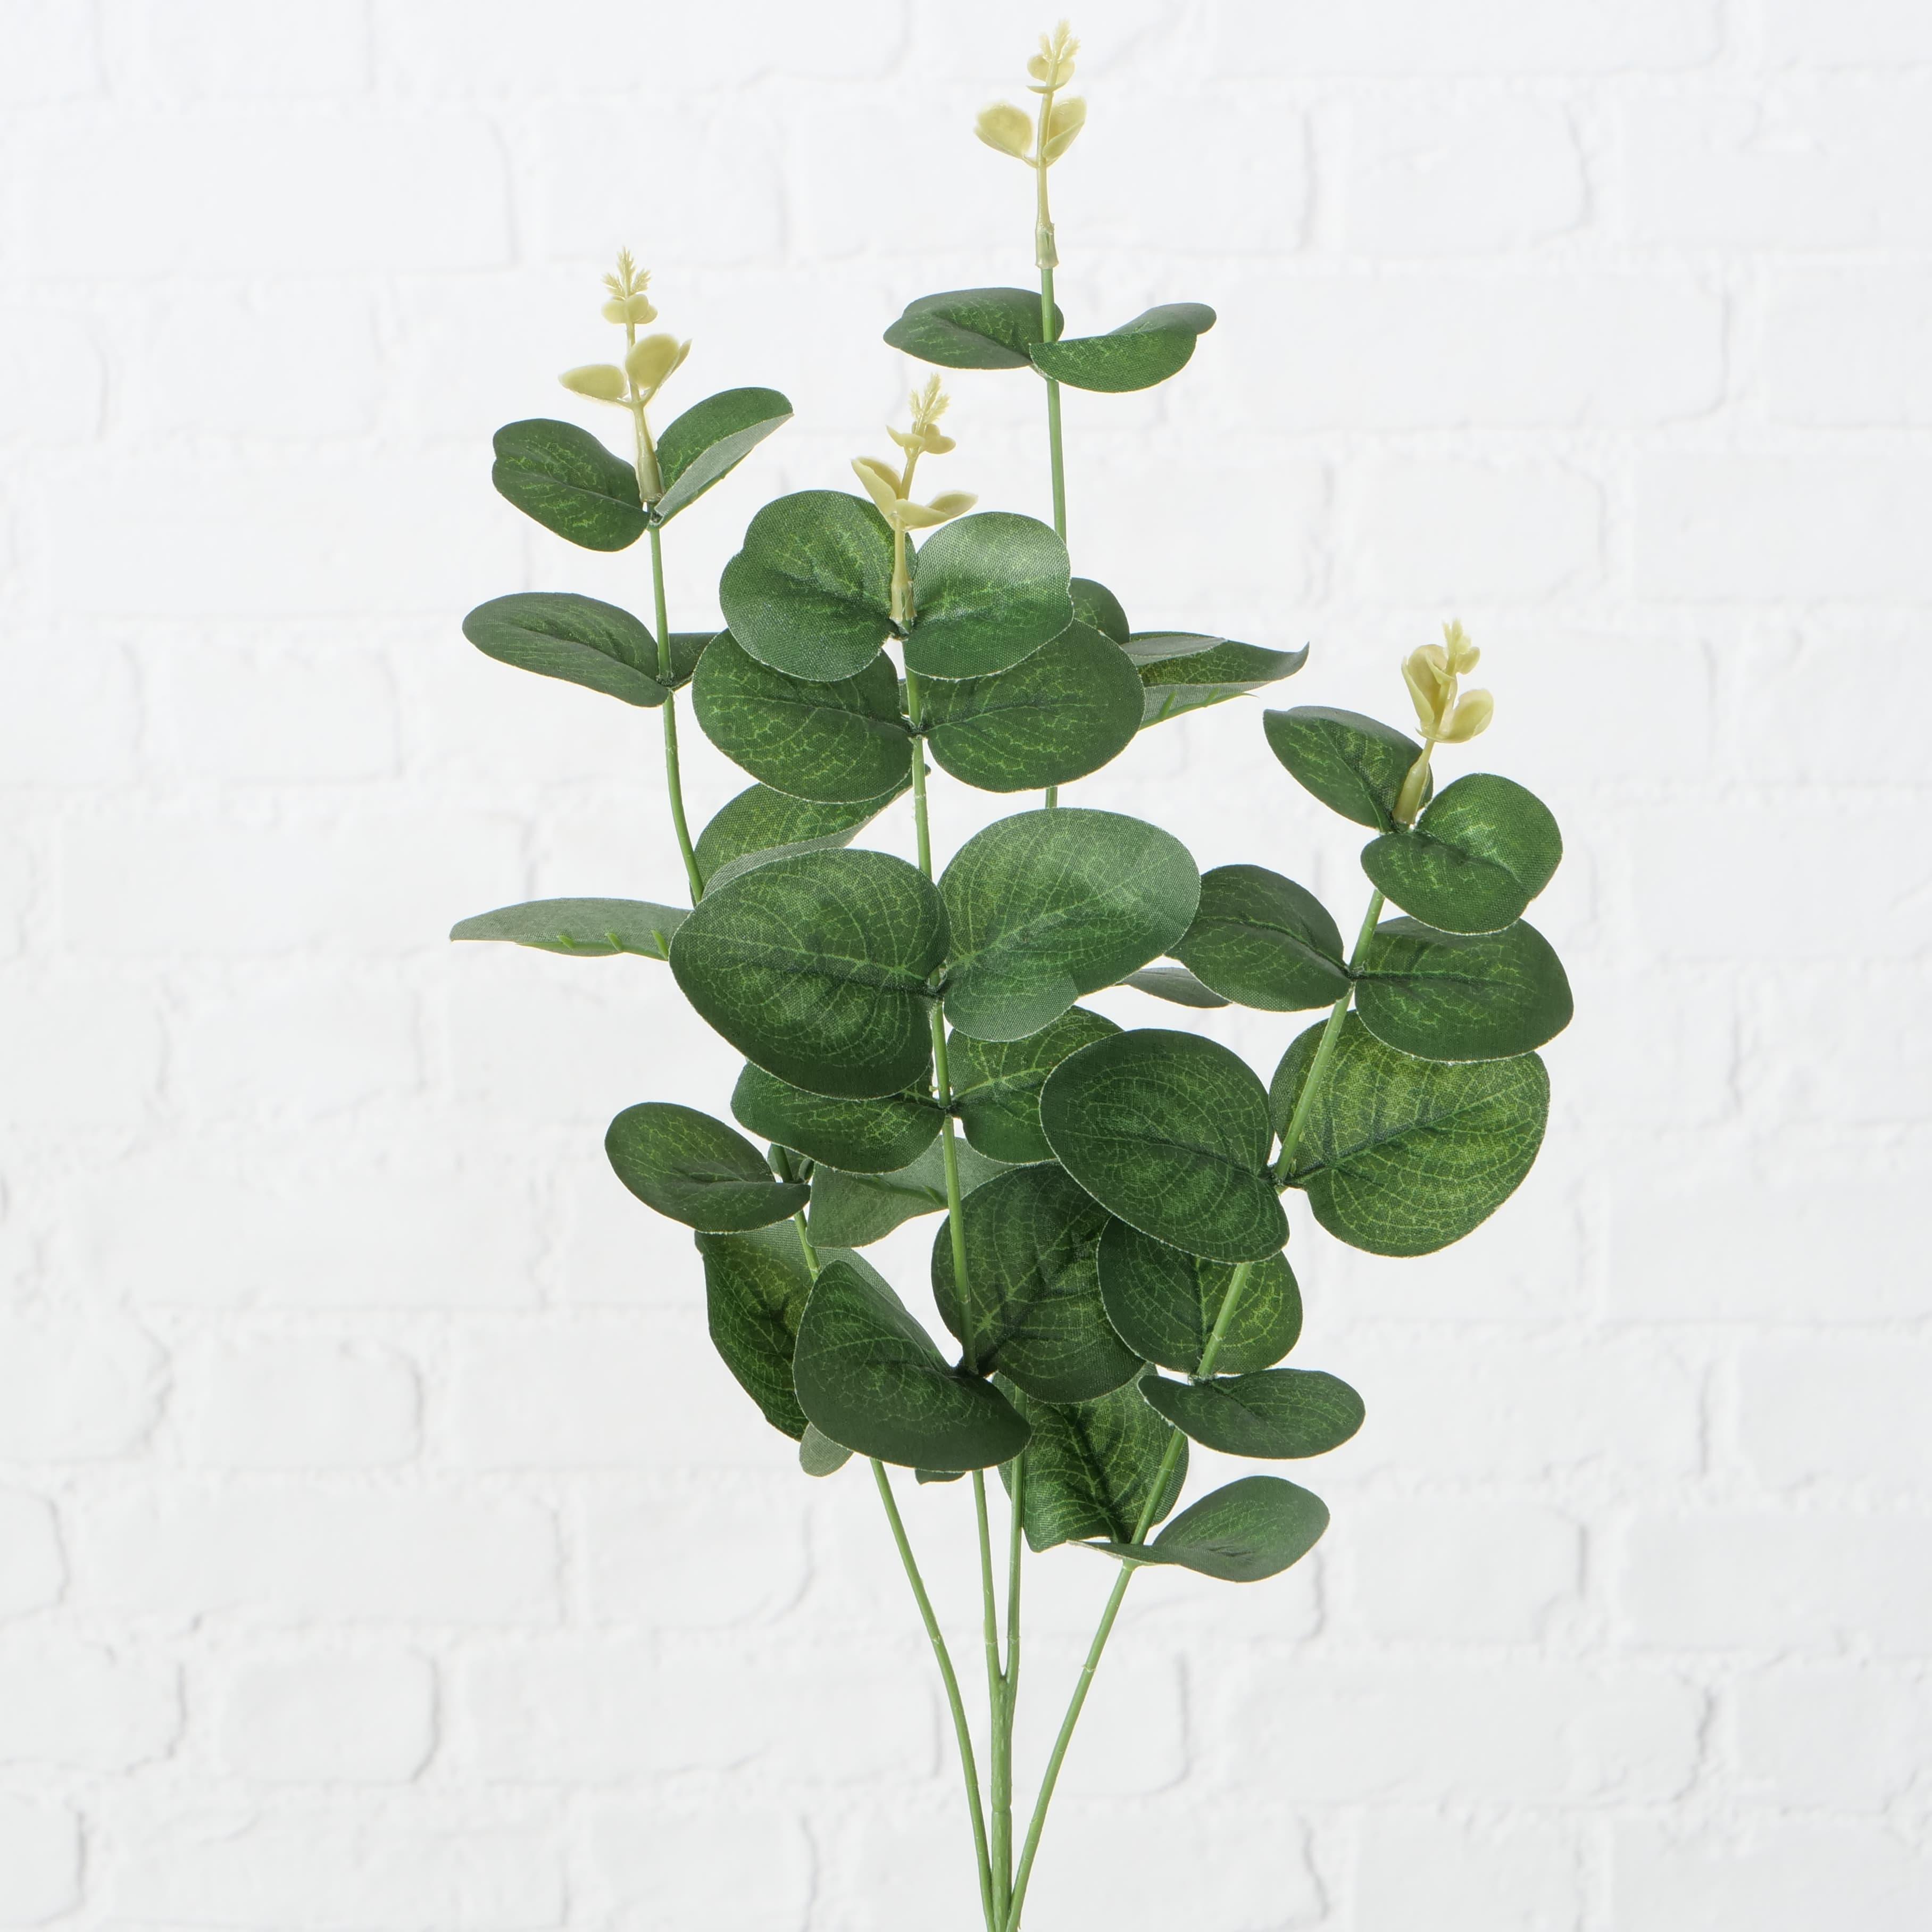 Ramura decorativa artificiala Jonte Verde, H70 cm imagine